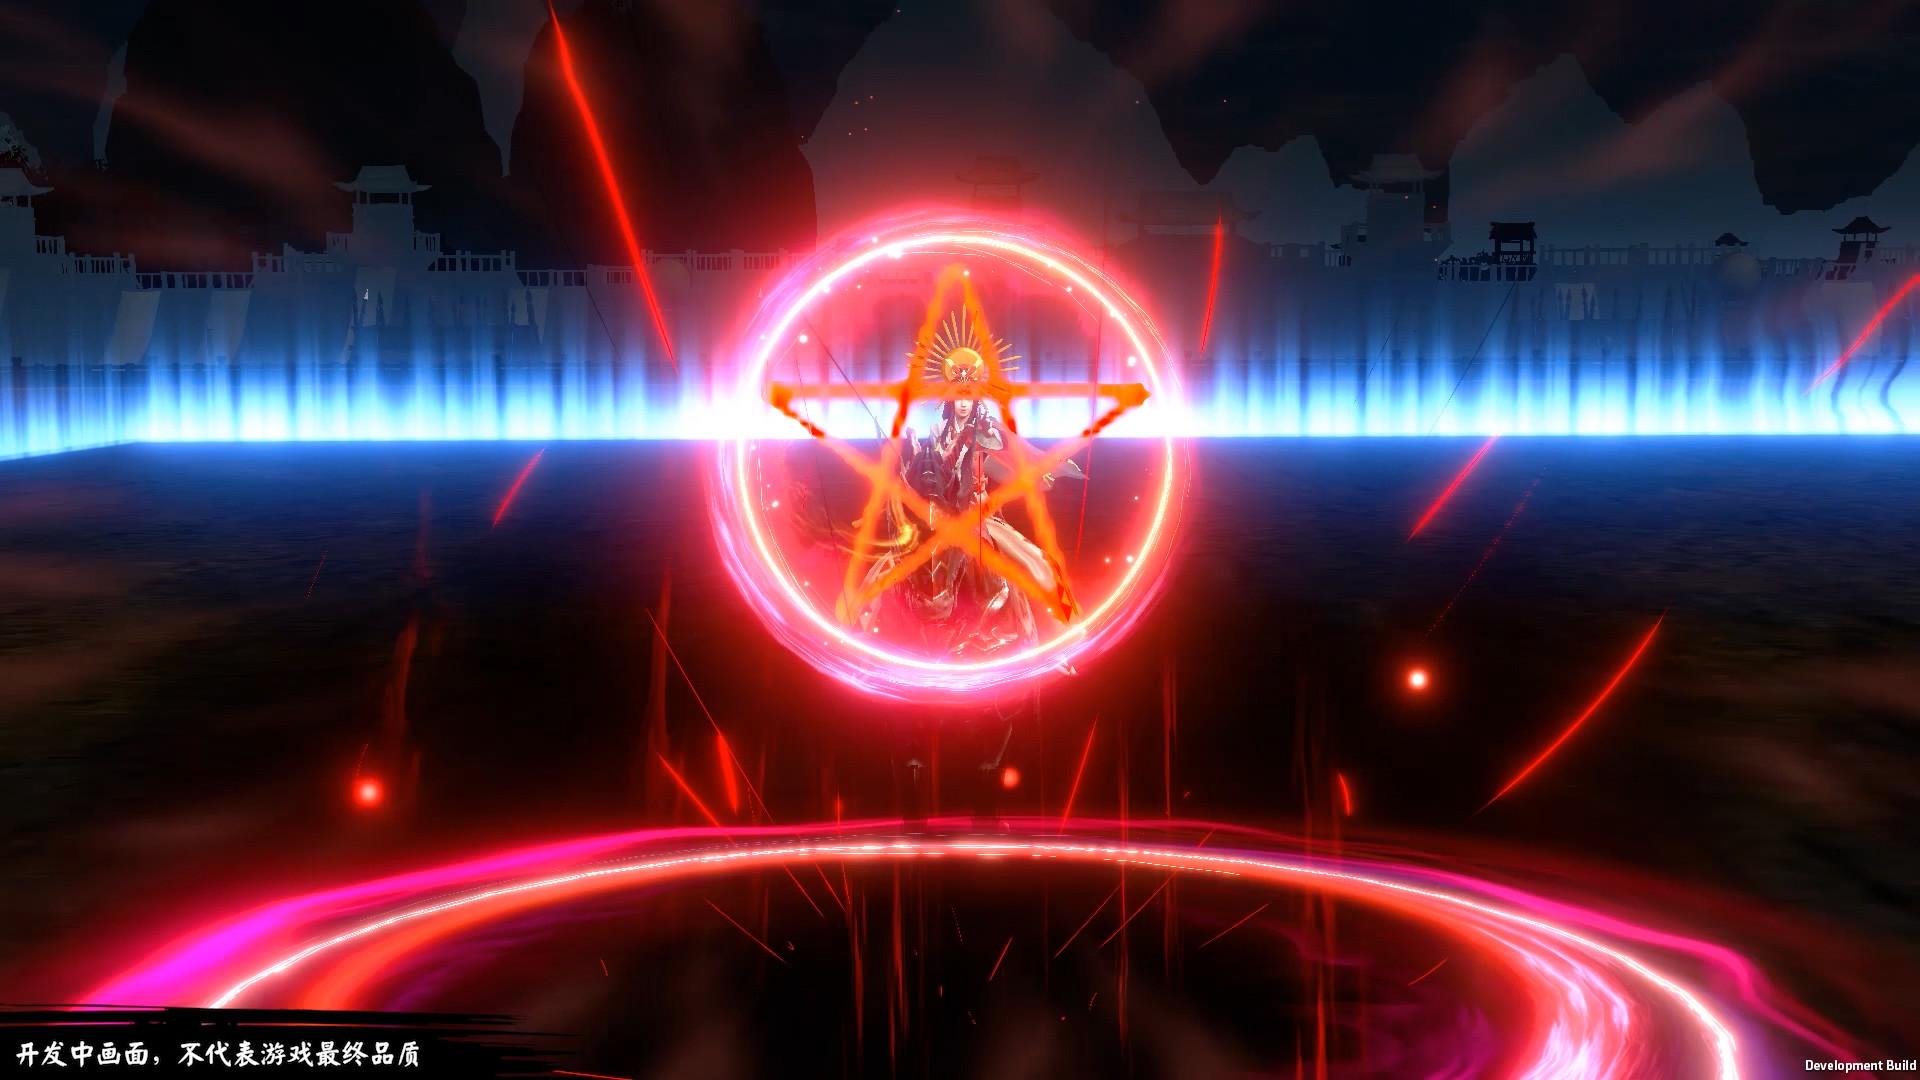 《三国群英传8》DLC明日发售 倭族势力登场!